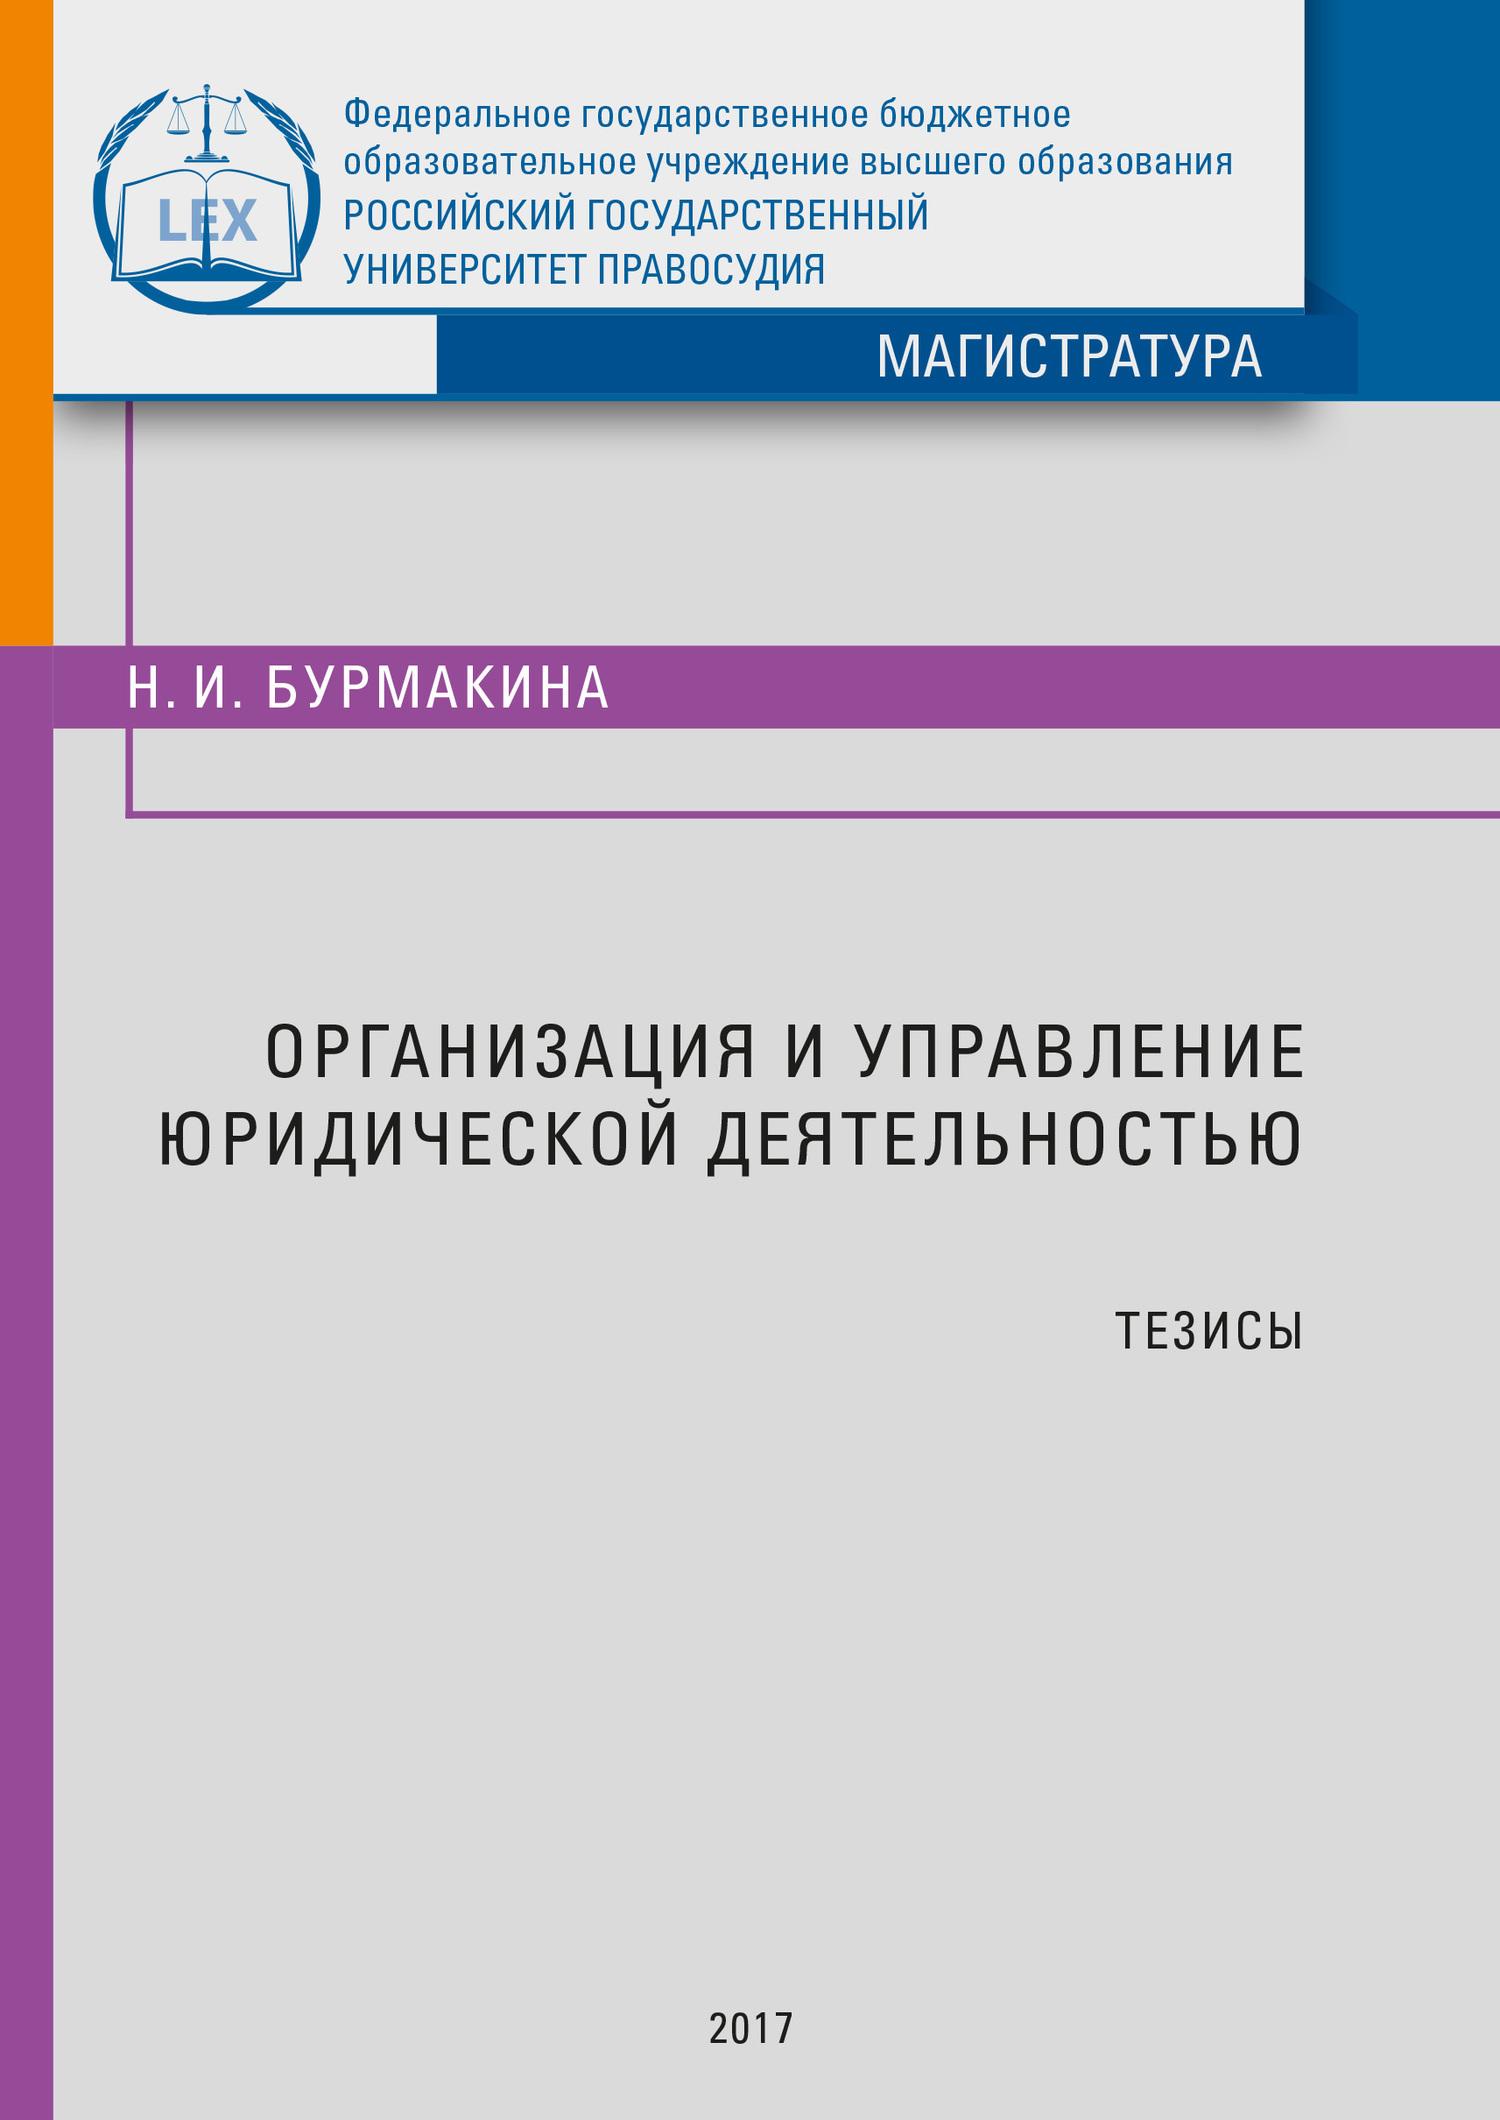 Наталия Бурмакина - Организация и управление юридической деятельностью. Тезисы